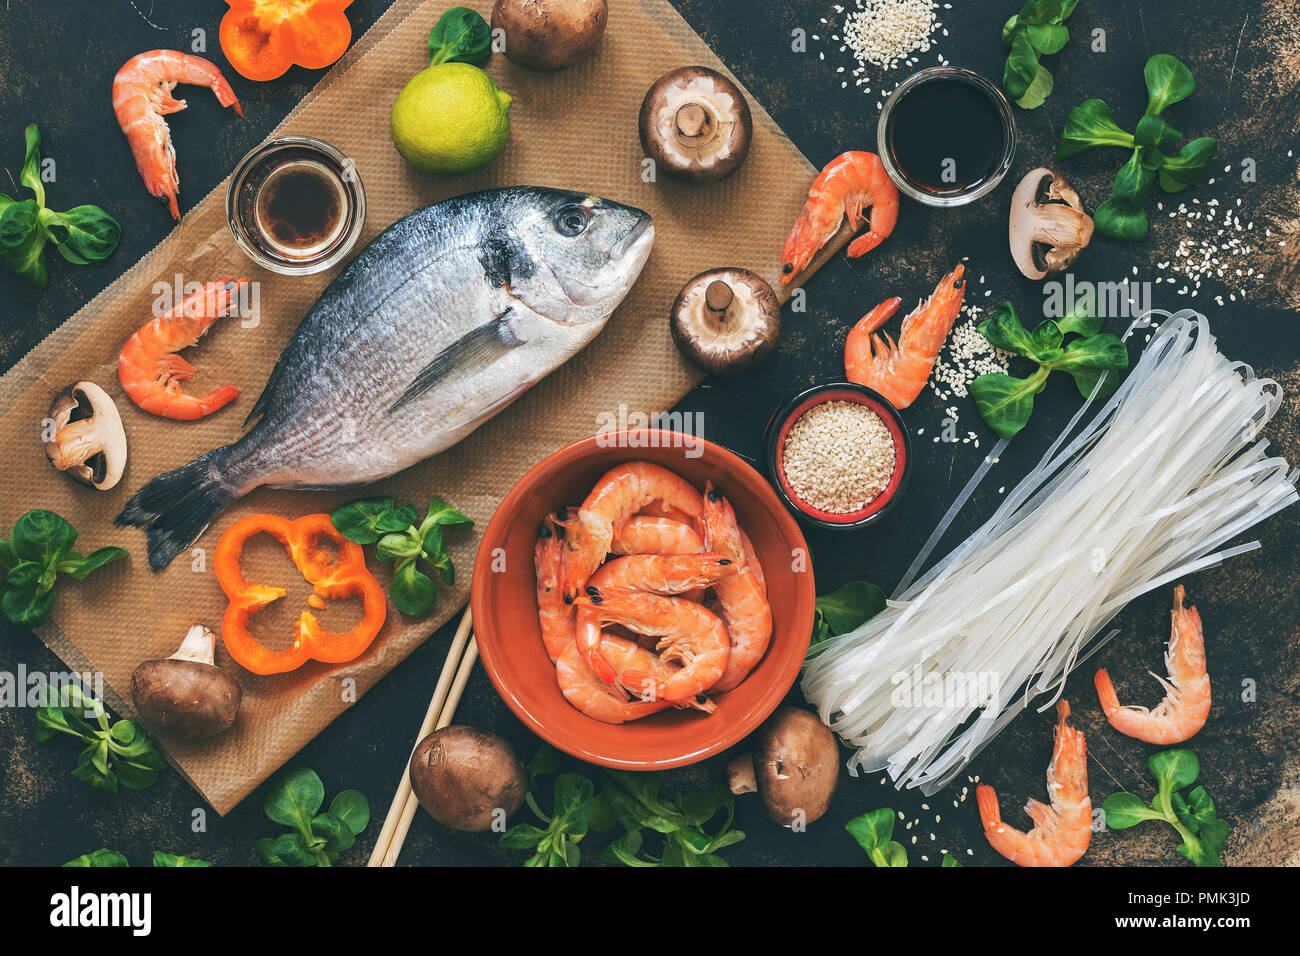 Ingrédients pour plats asiatiques - matières Dorado poisson, crevettes, nouilles de riz, légumes, champignons,fond sombre, vue du dessus. Mise à plat et tonique photo Photo Stock